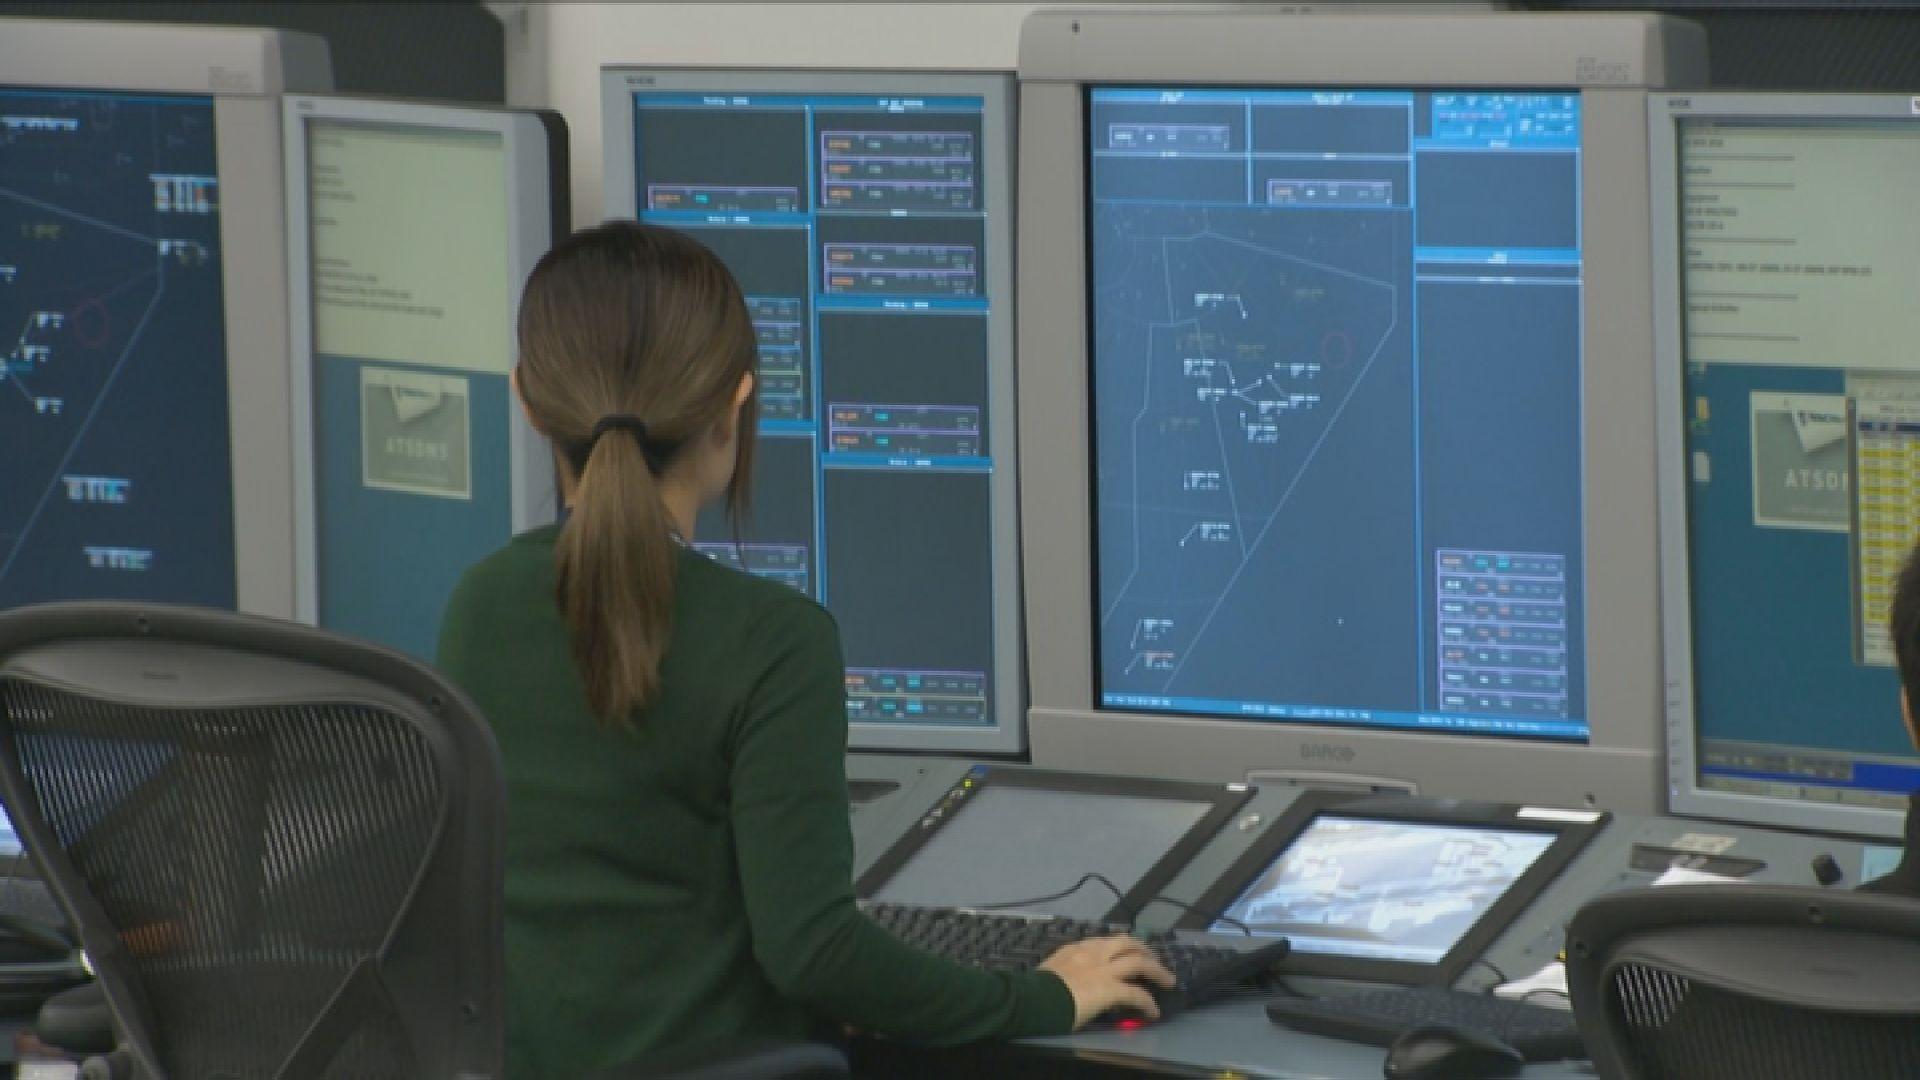 民航處:系統短暫故障沒影響航空安全